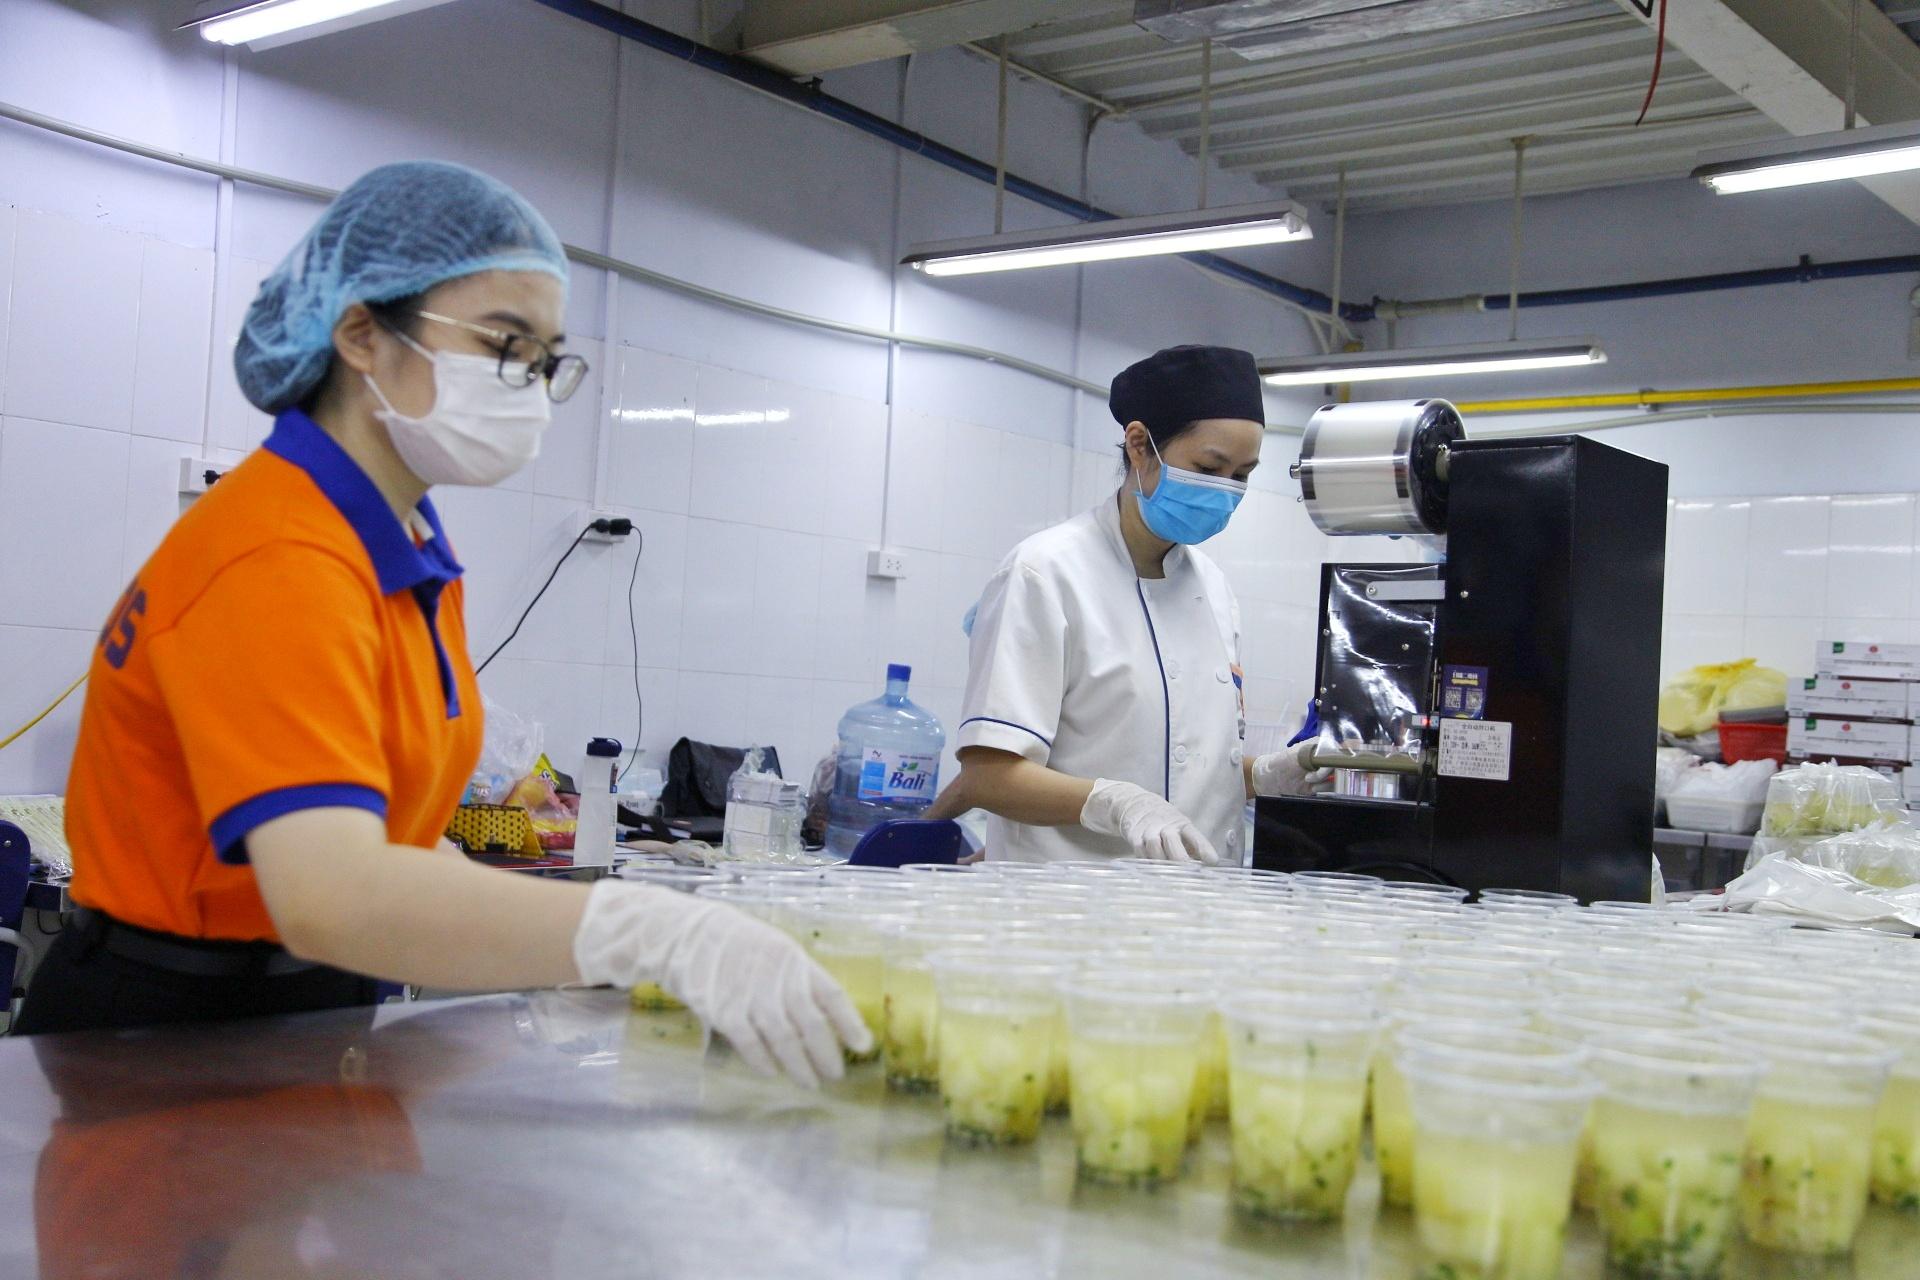 Tất cả các nguồn thực phẩm đều được lựa chọn cẩn thận, đảm bảo vệ sinh an toàn thực phẩm. Ngày đầu tiên triển khai hơn 300 suất ăn, thời gian sắp tới sẽ nâng lên khoảng 1.000 suất/ngày để lan tỏa được nhiều hơn.